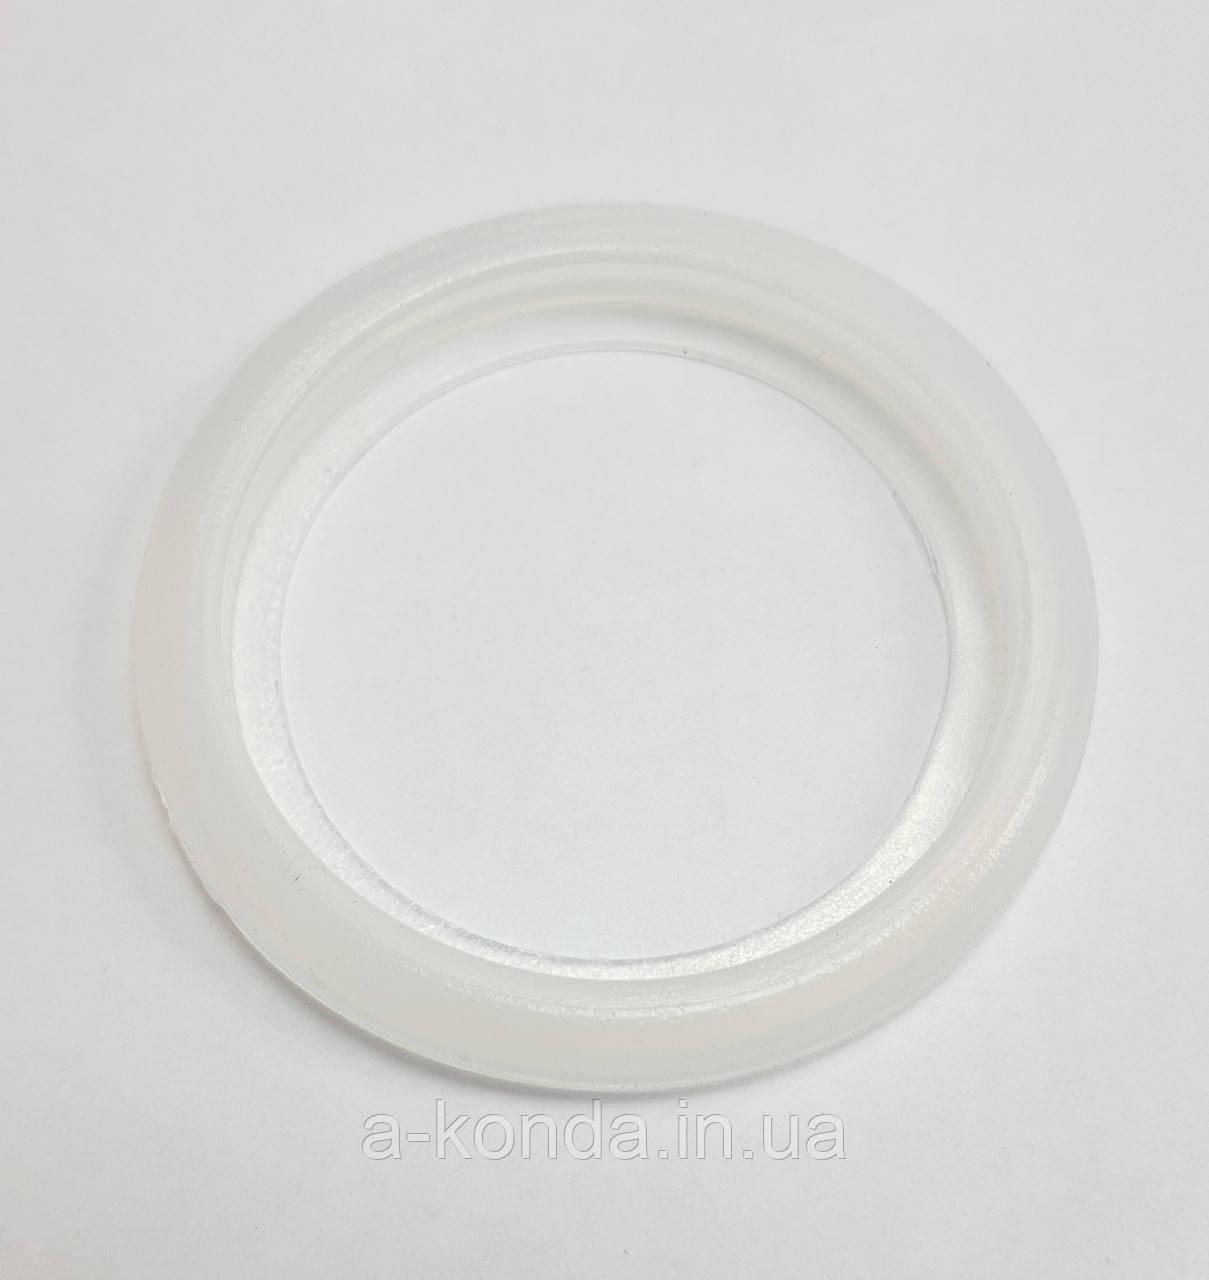 Прокладка (уплотнитель) бойлер /рожок для кофеварки Zelmer 756787